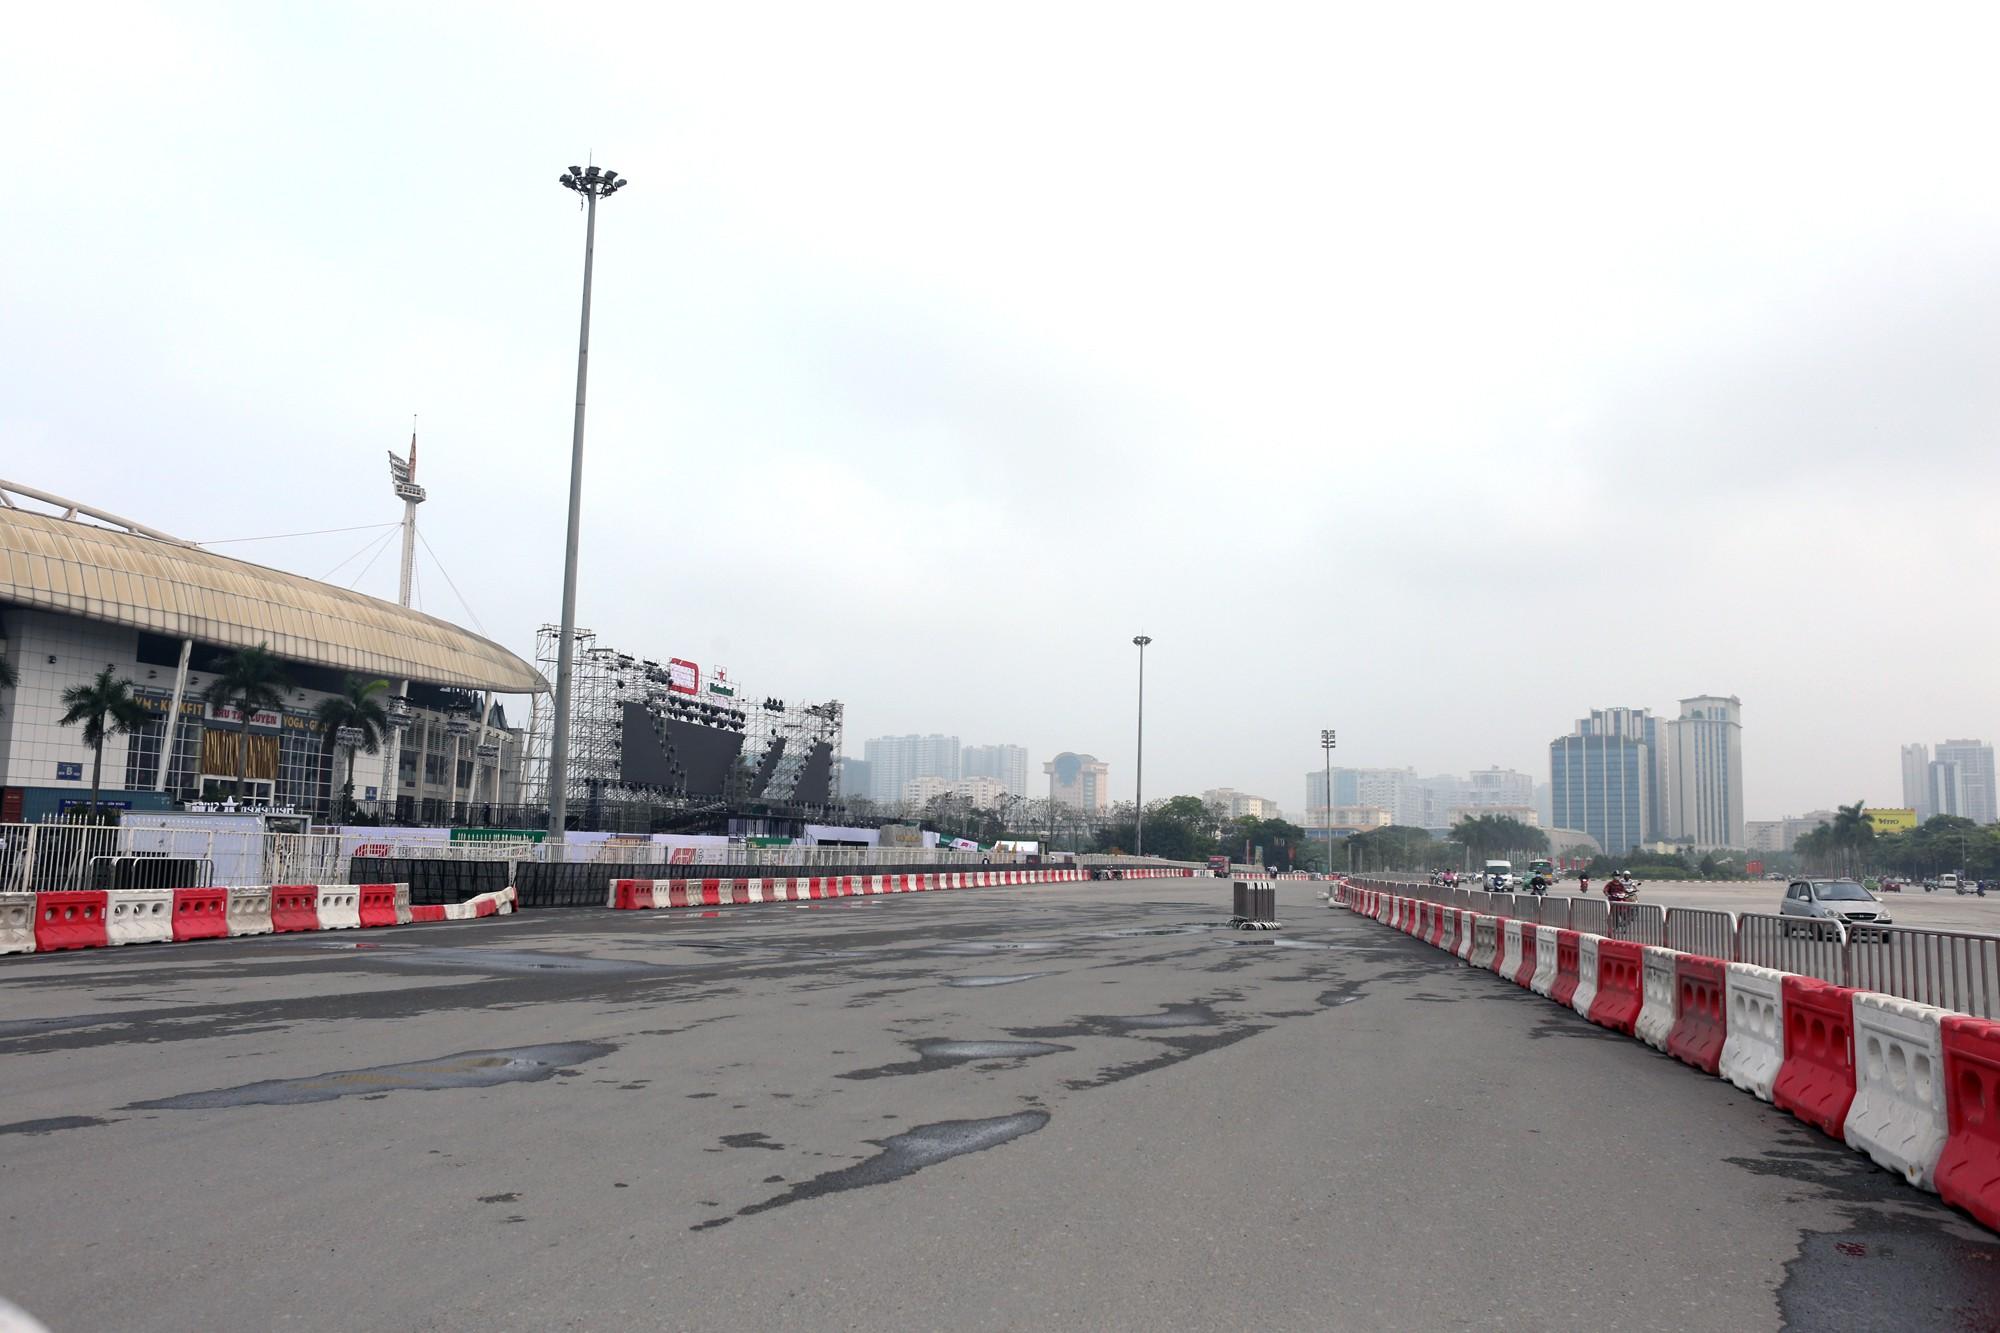 Cận cảnh nơi xe đua F1 sắp trình diễn ở sân vận động Mỹ Đình - Ảnh 8.